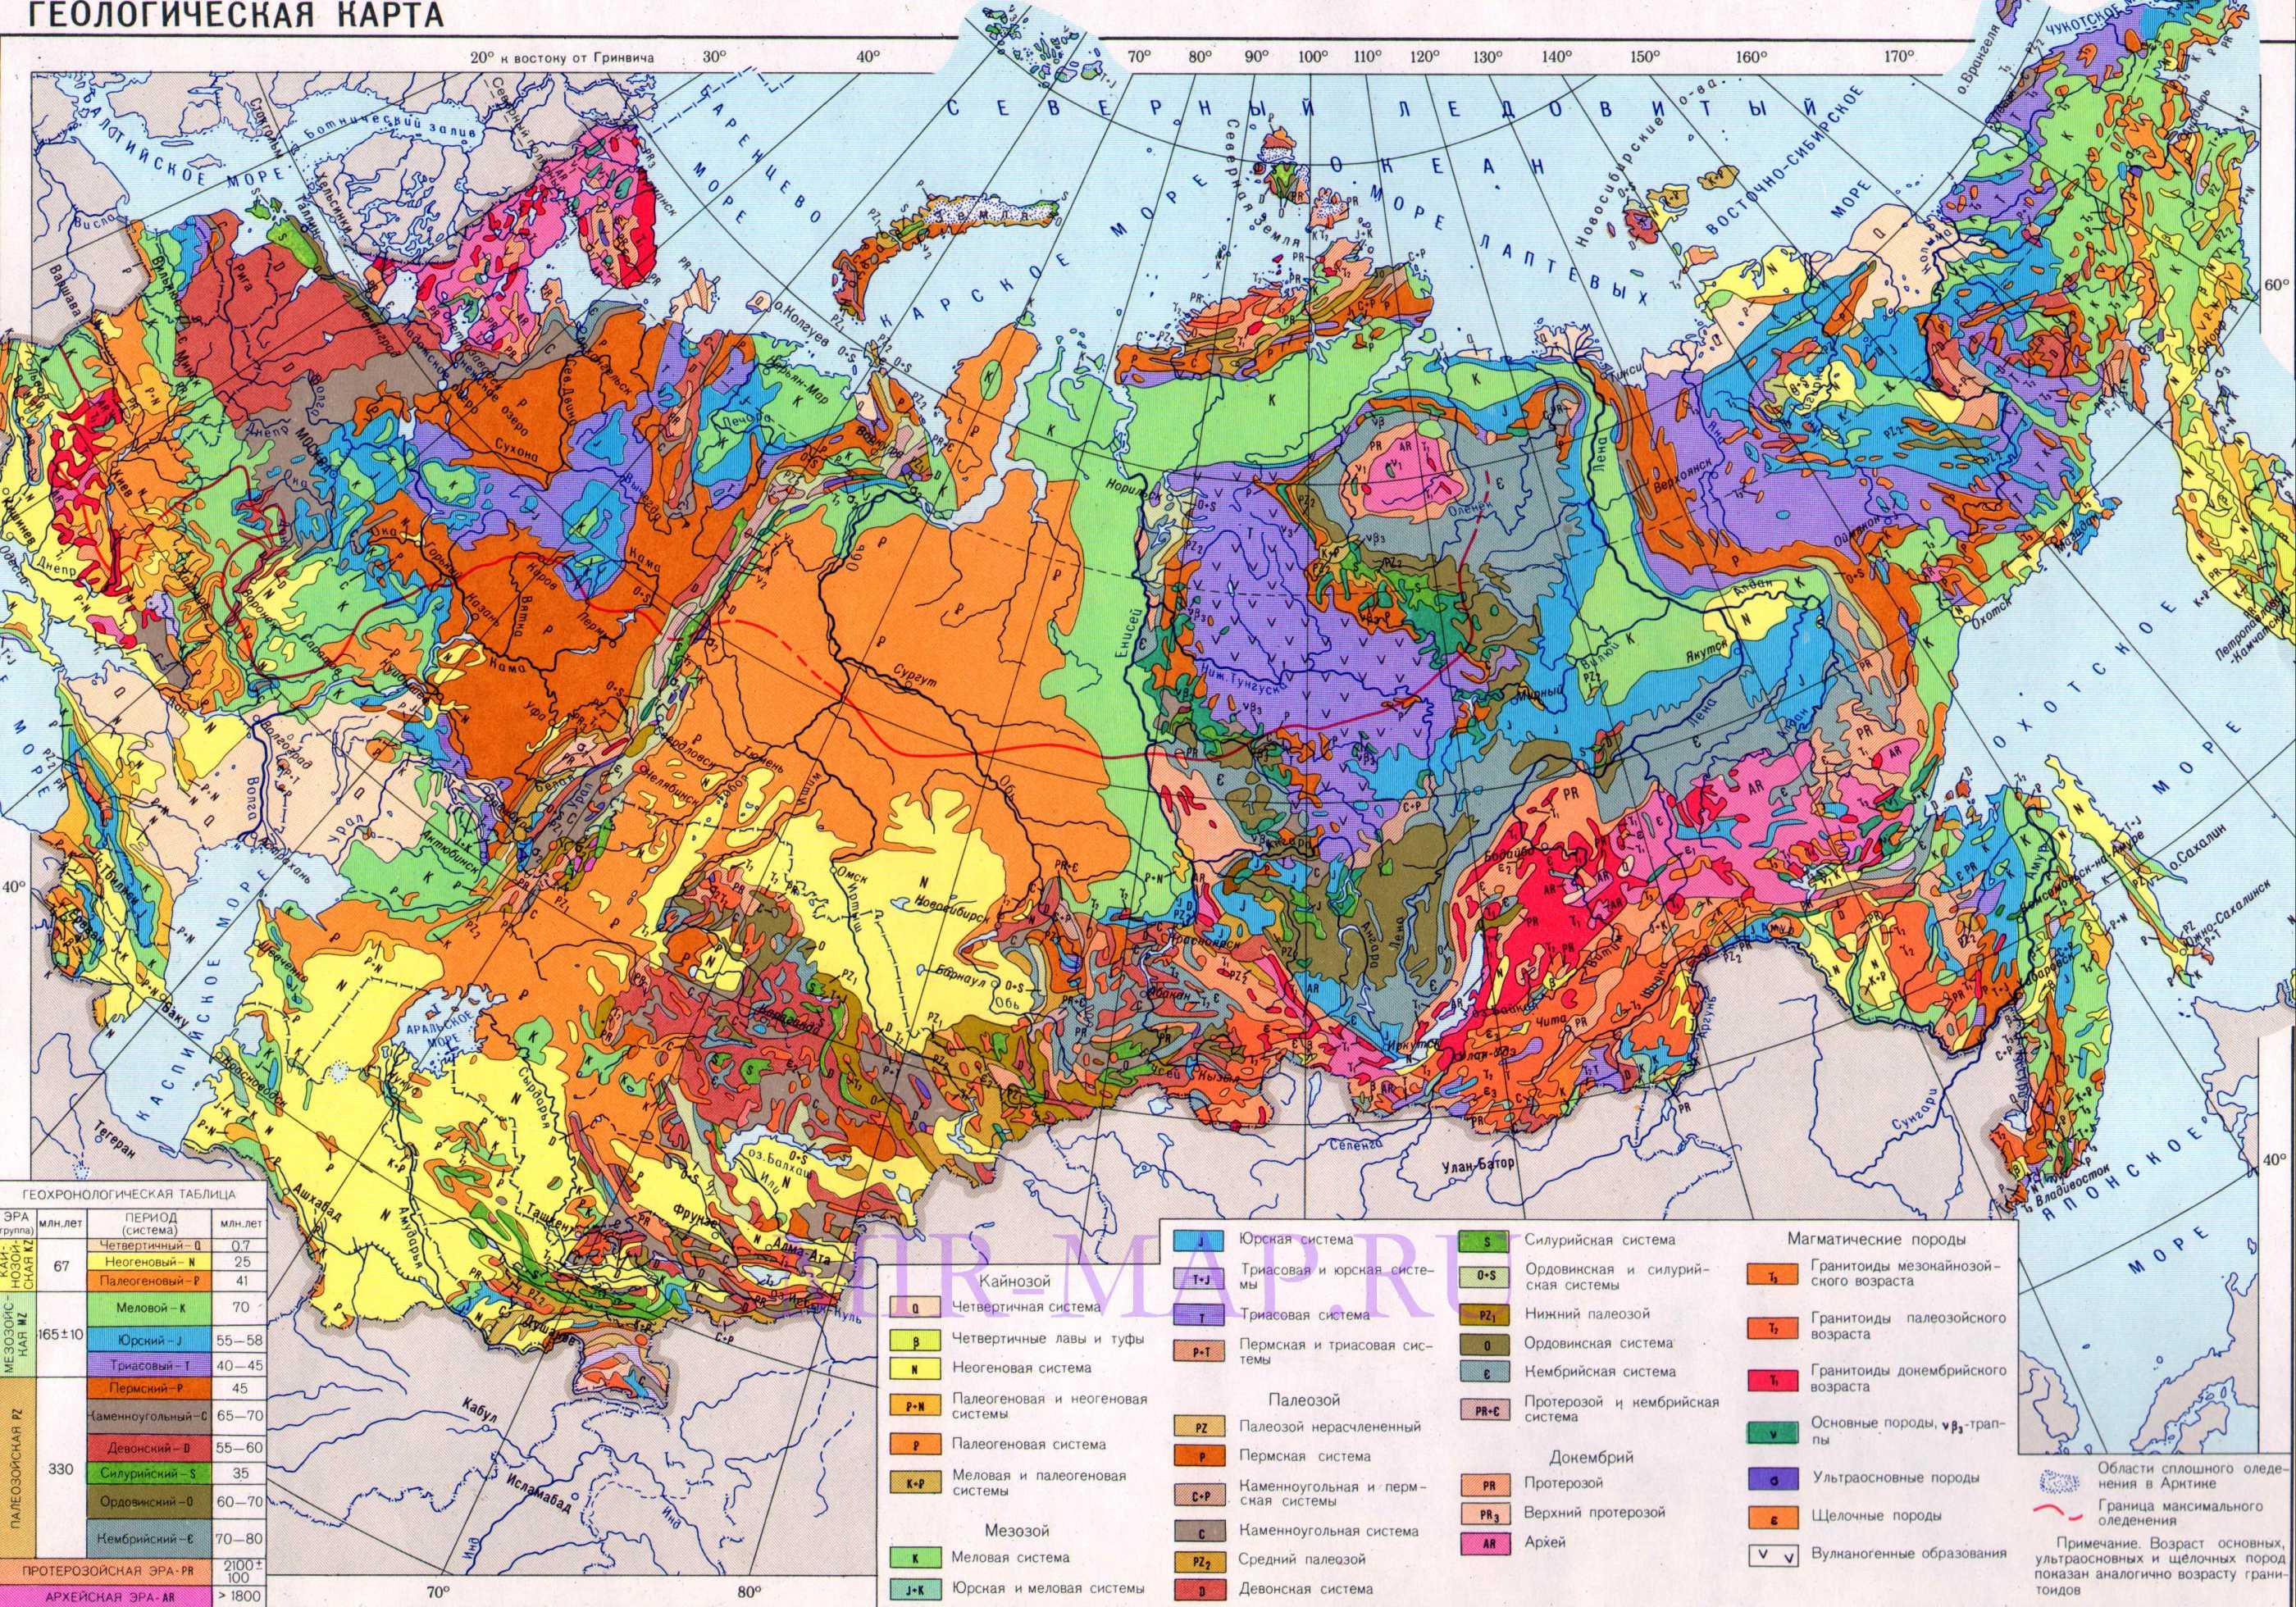 геологические карты россии золото туризм это огромная